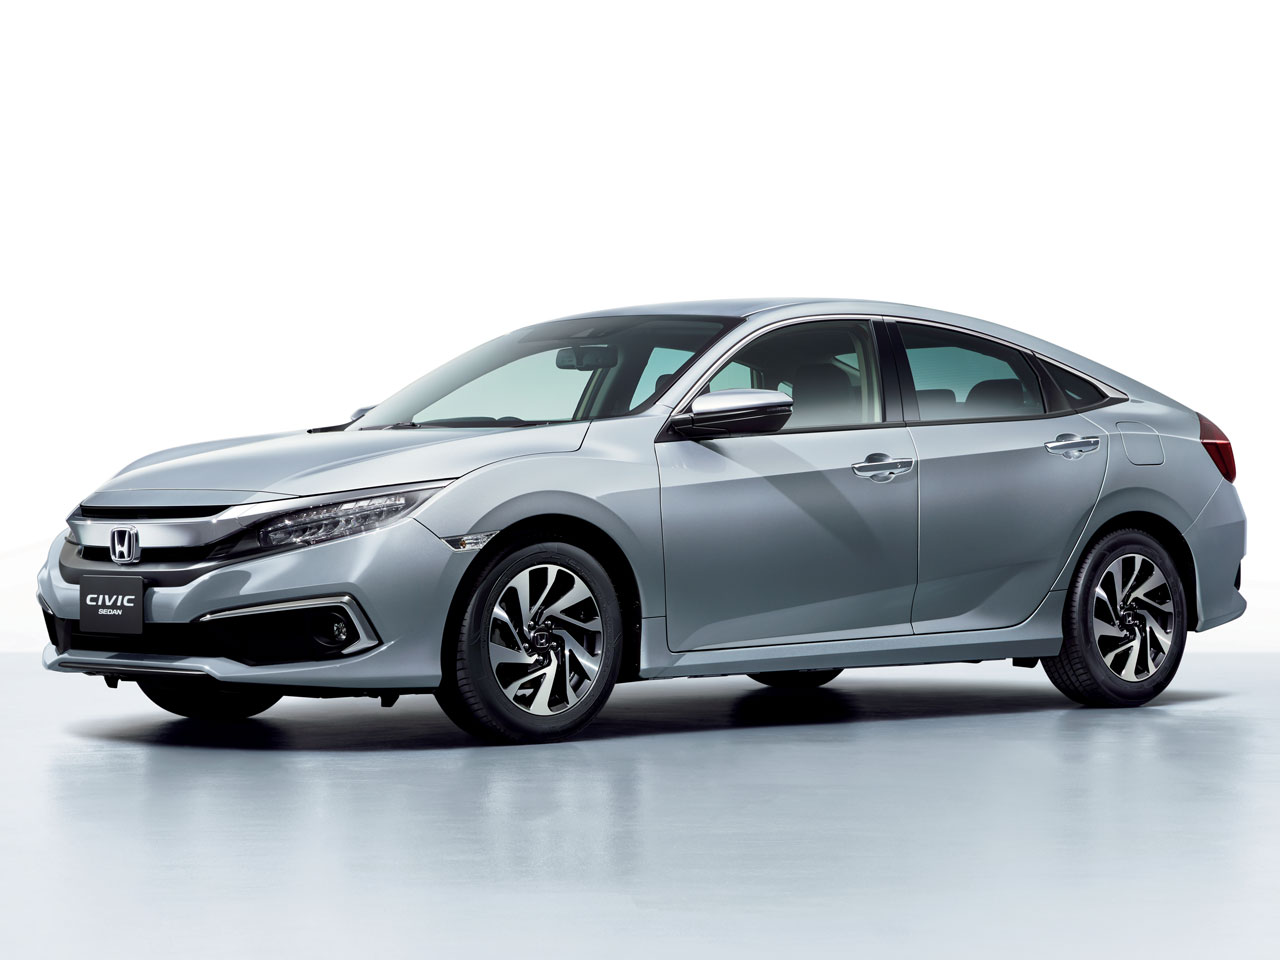 ホンダ シビック セダン 2017年モデル 新車画像